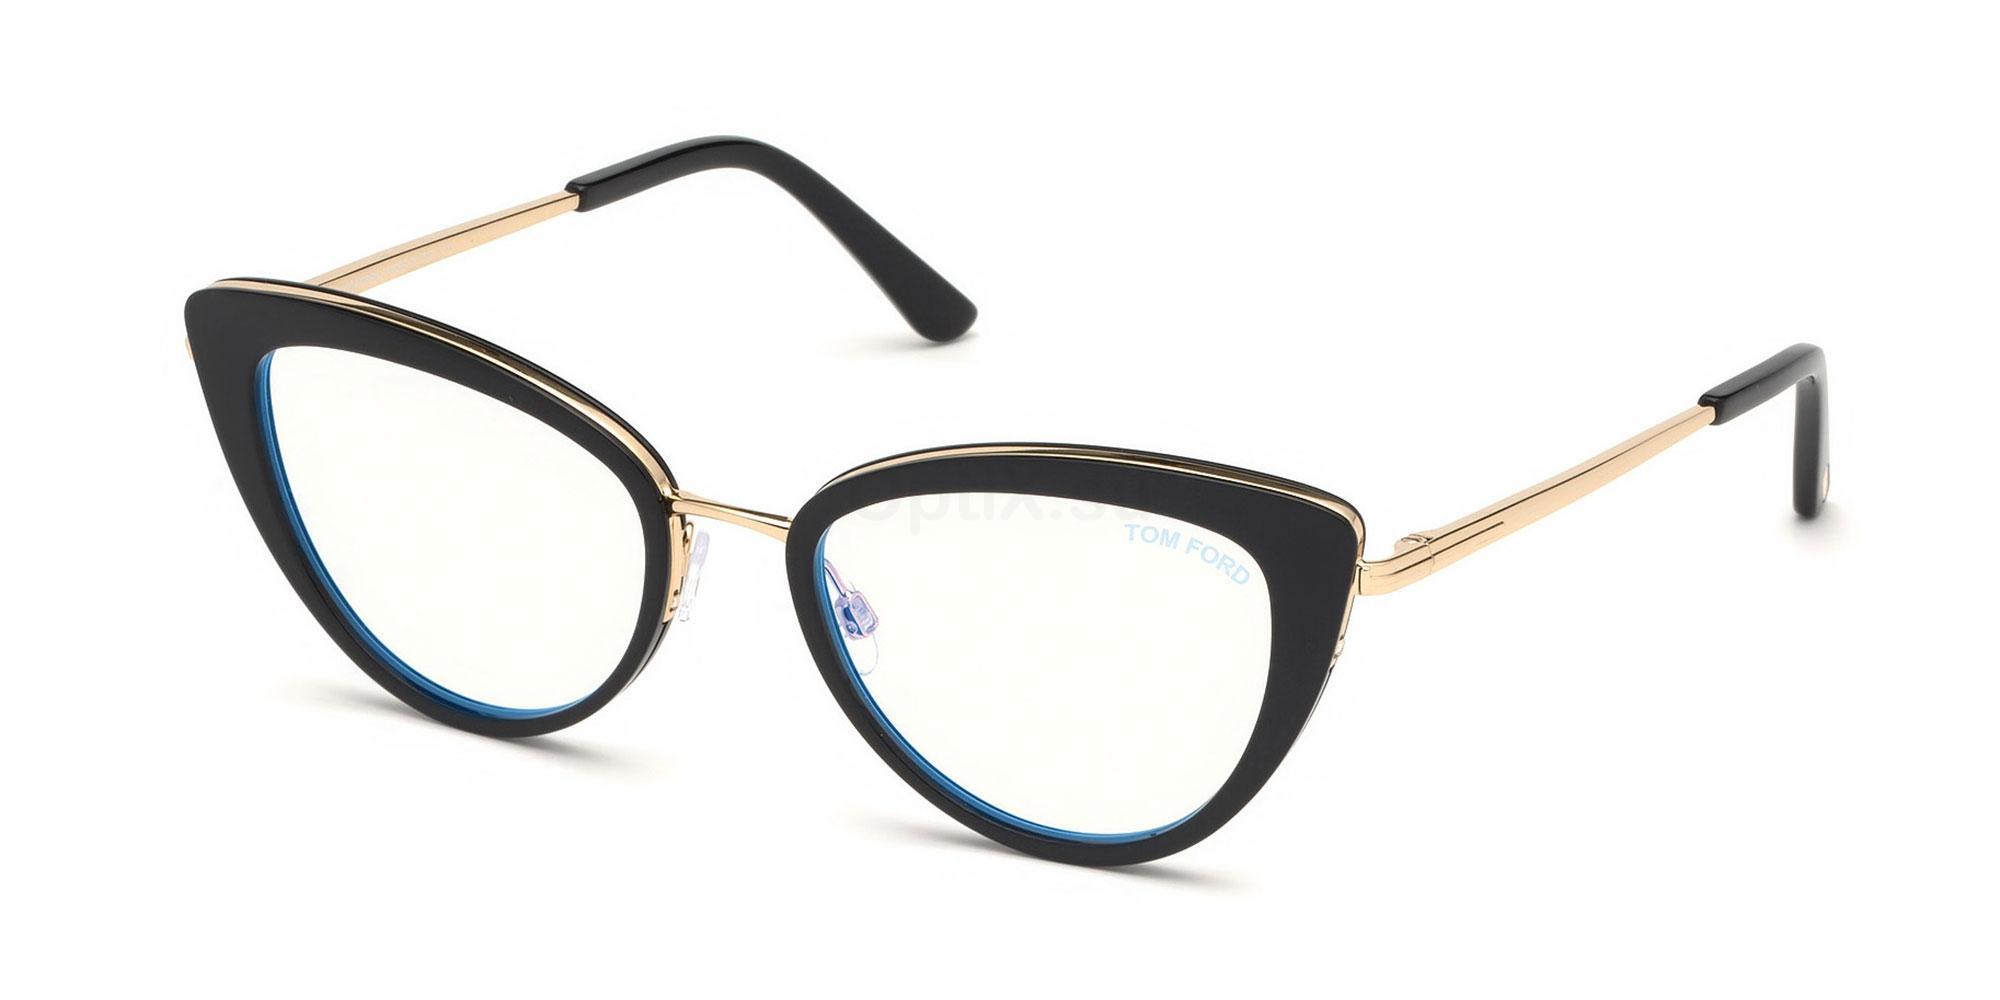 001 FT5580-B Glasses, Tom Ford